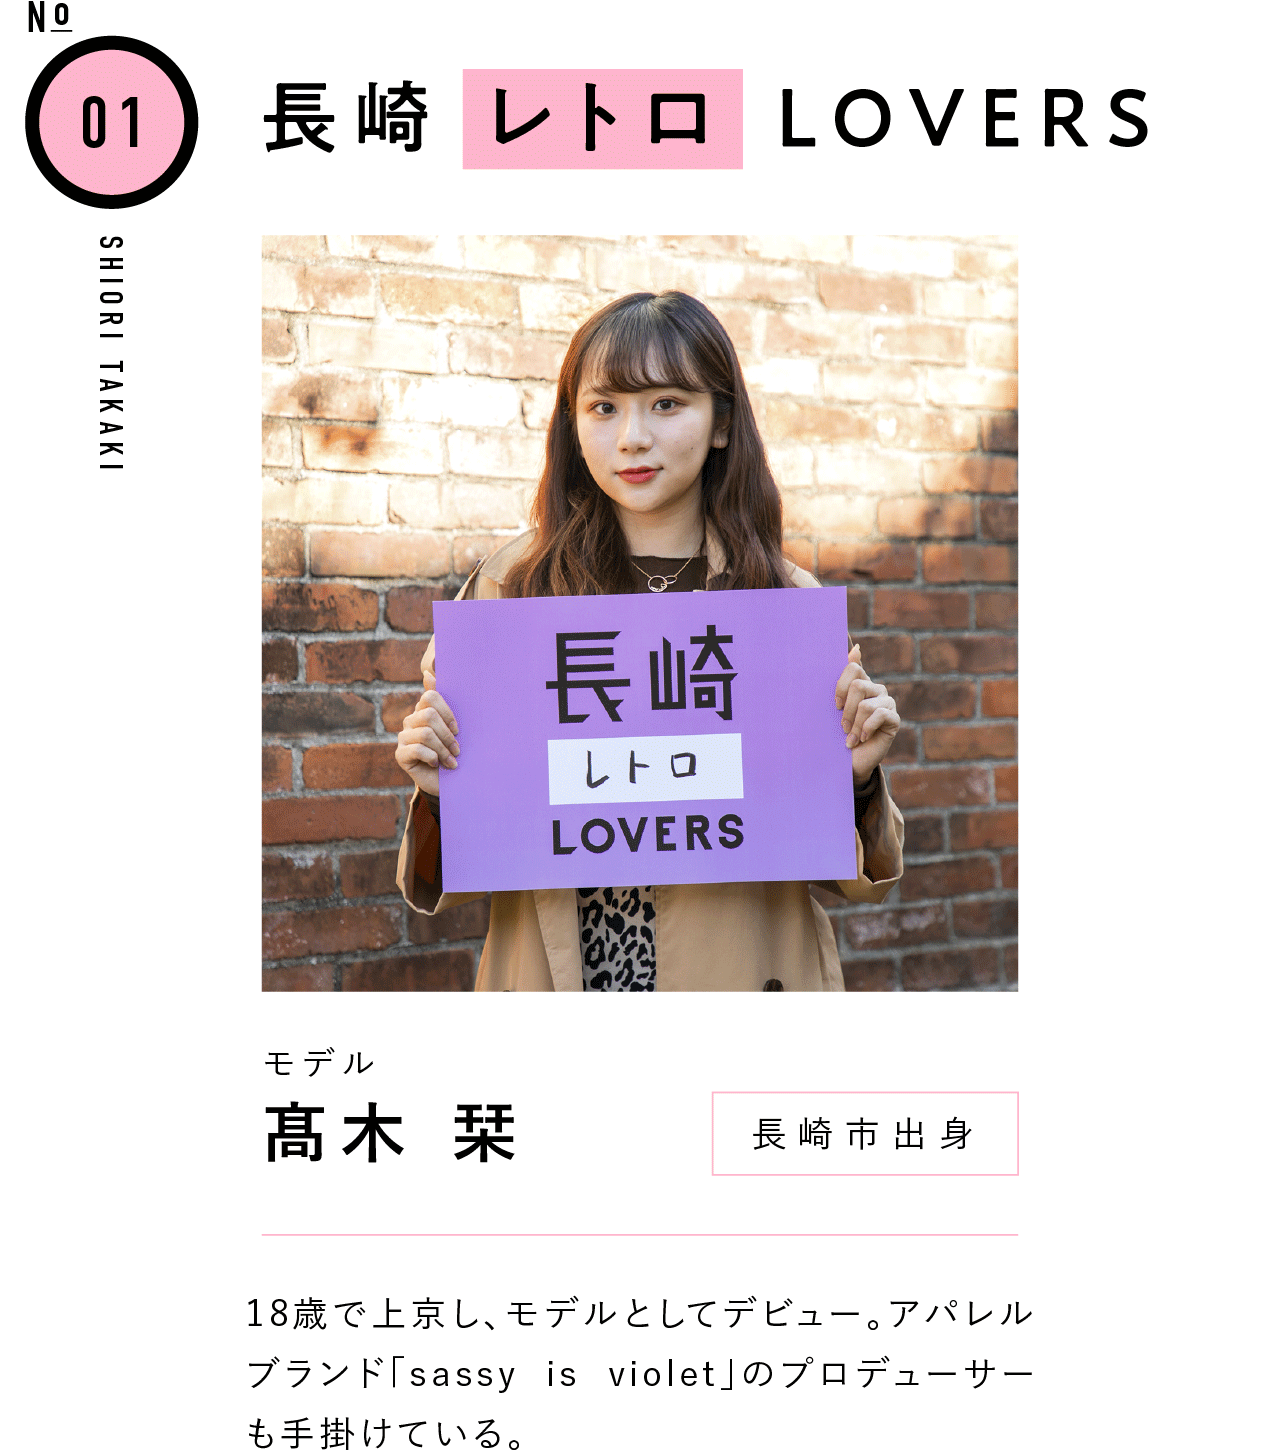 01長崎レトロLOVERS モデル 髙木 栞 長崎市出身 18歳で上京し、モデルとしてデビュー。アパレルブランド「sassy is violet」のプロデューサーも手掛けている。